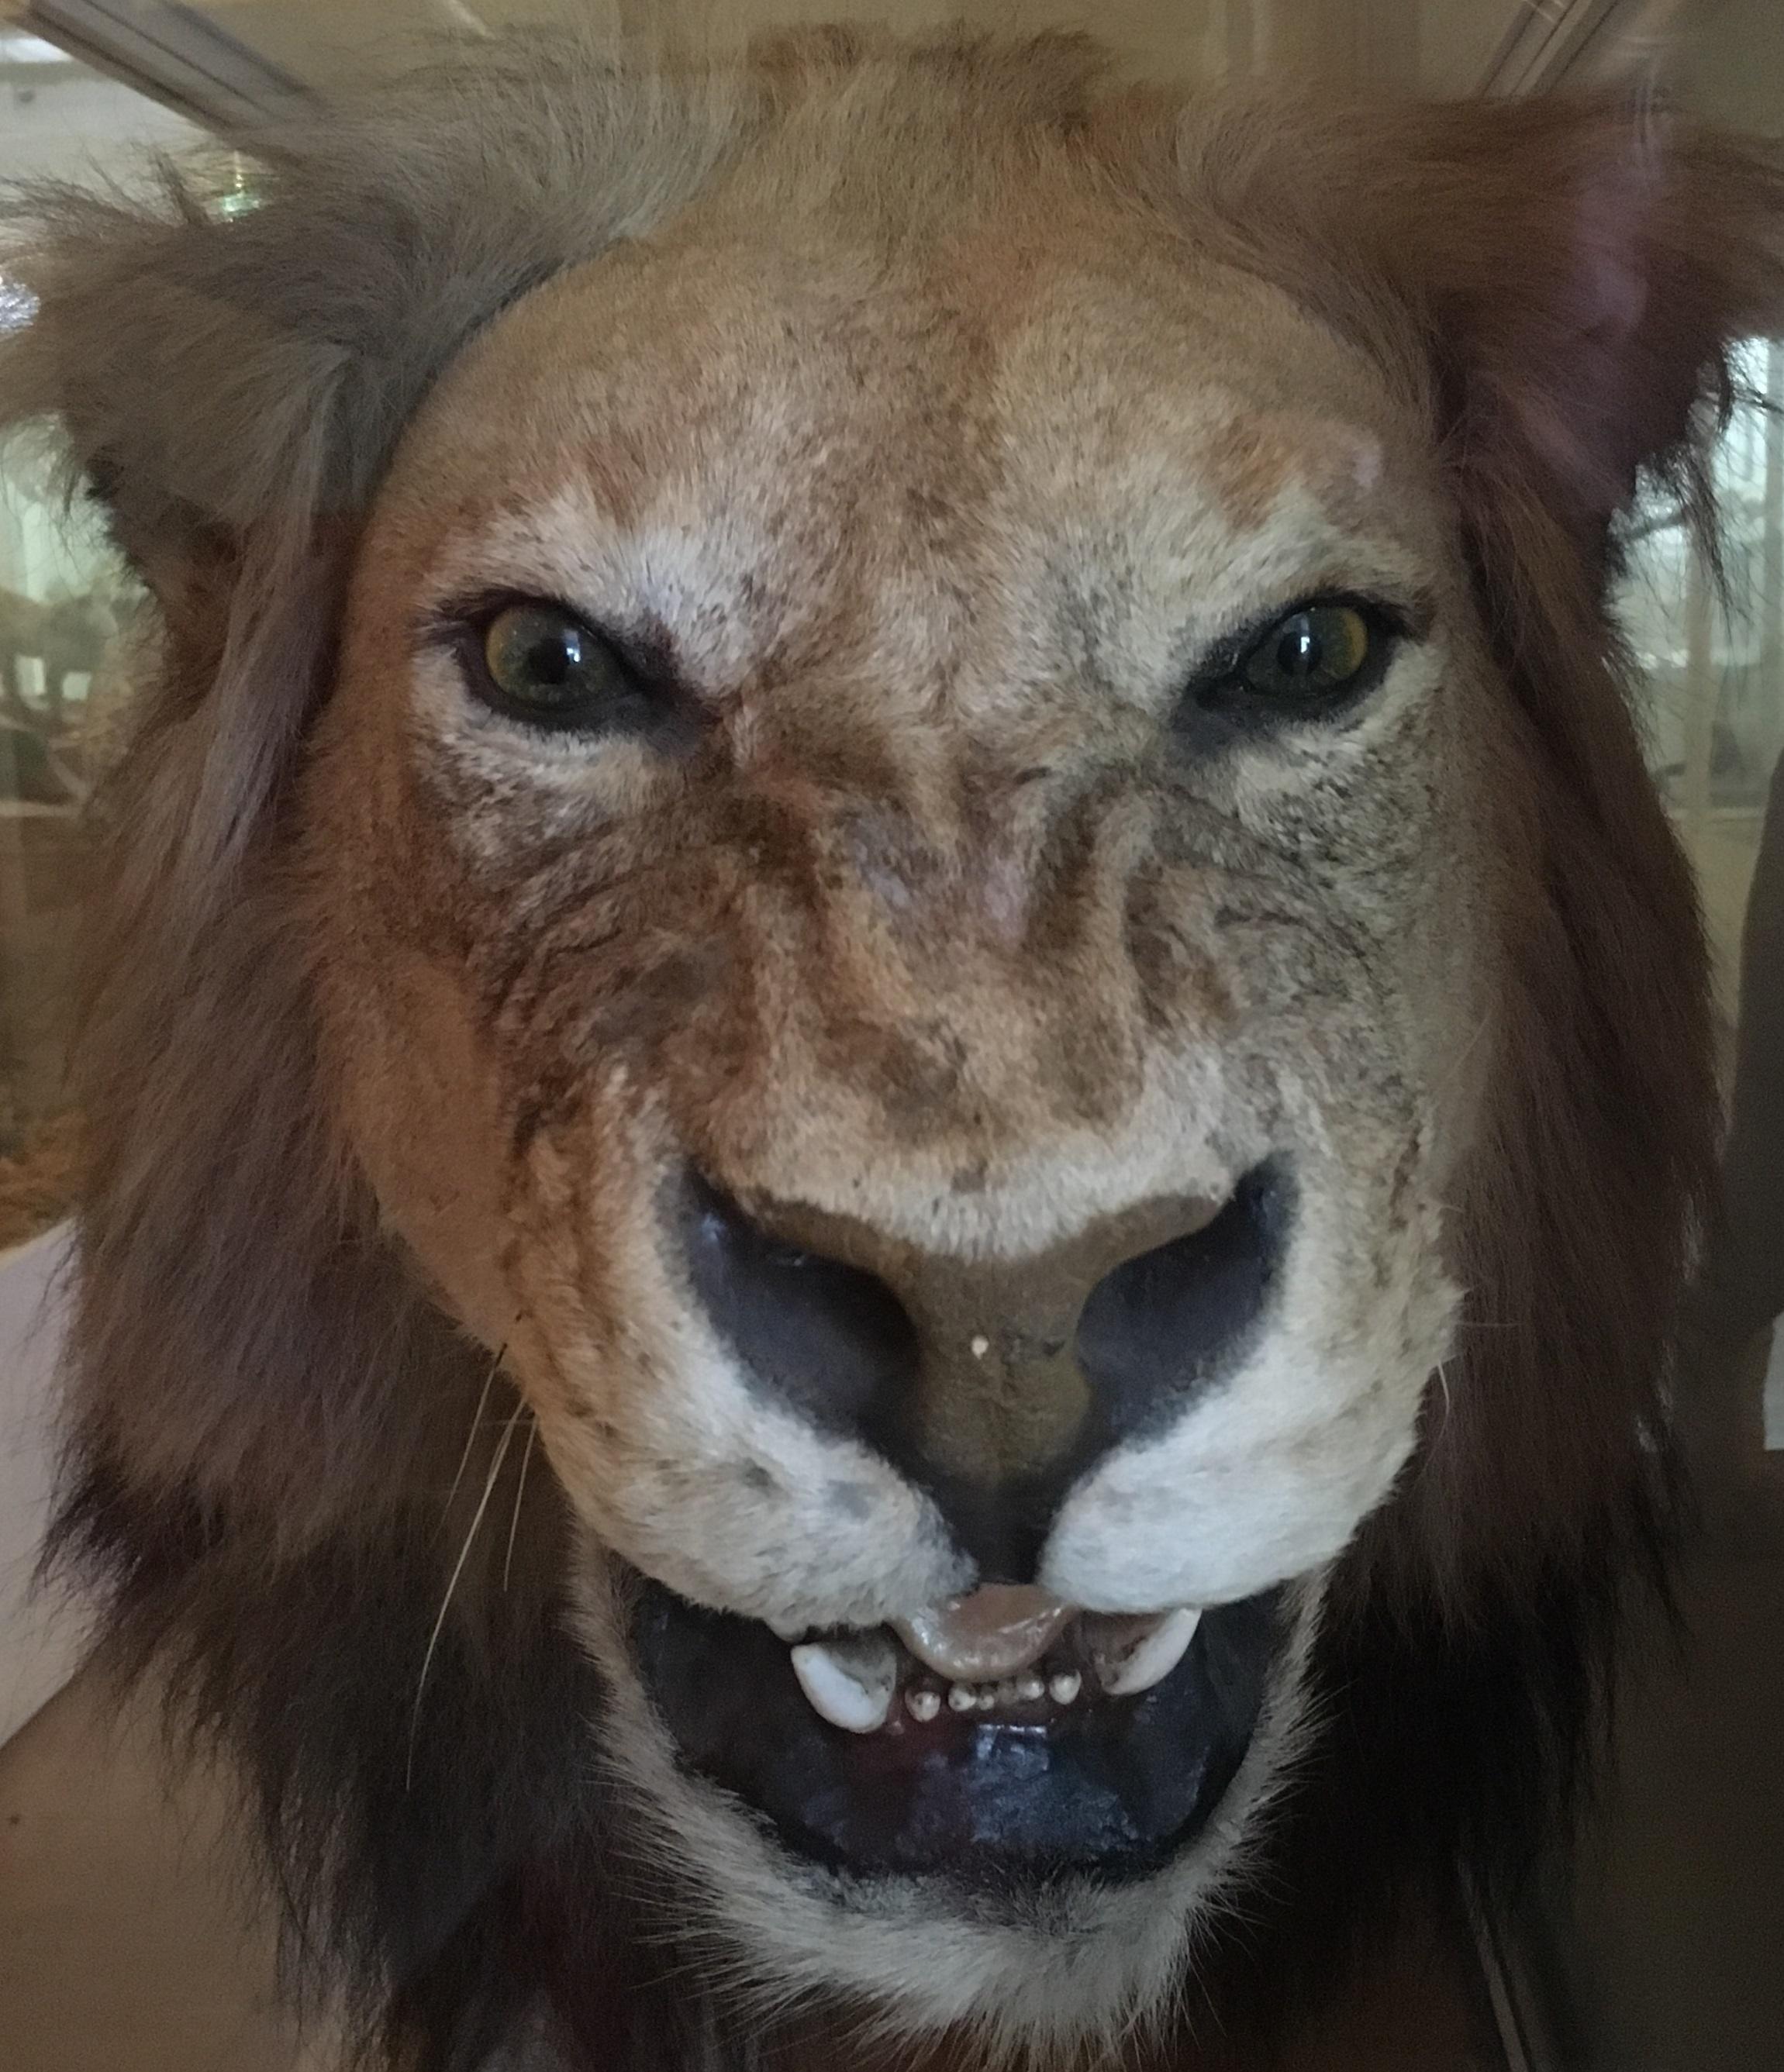 静岡の穴場猫の博物館1階のライオン